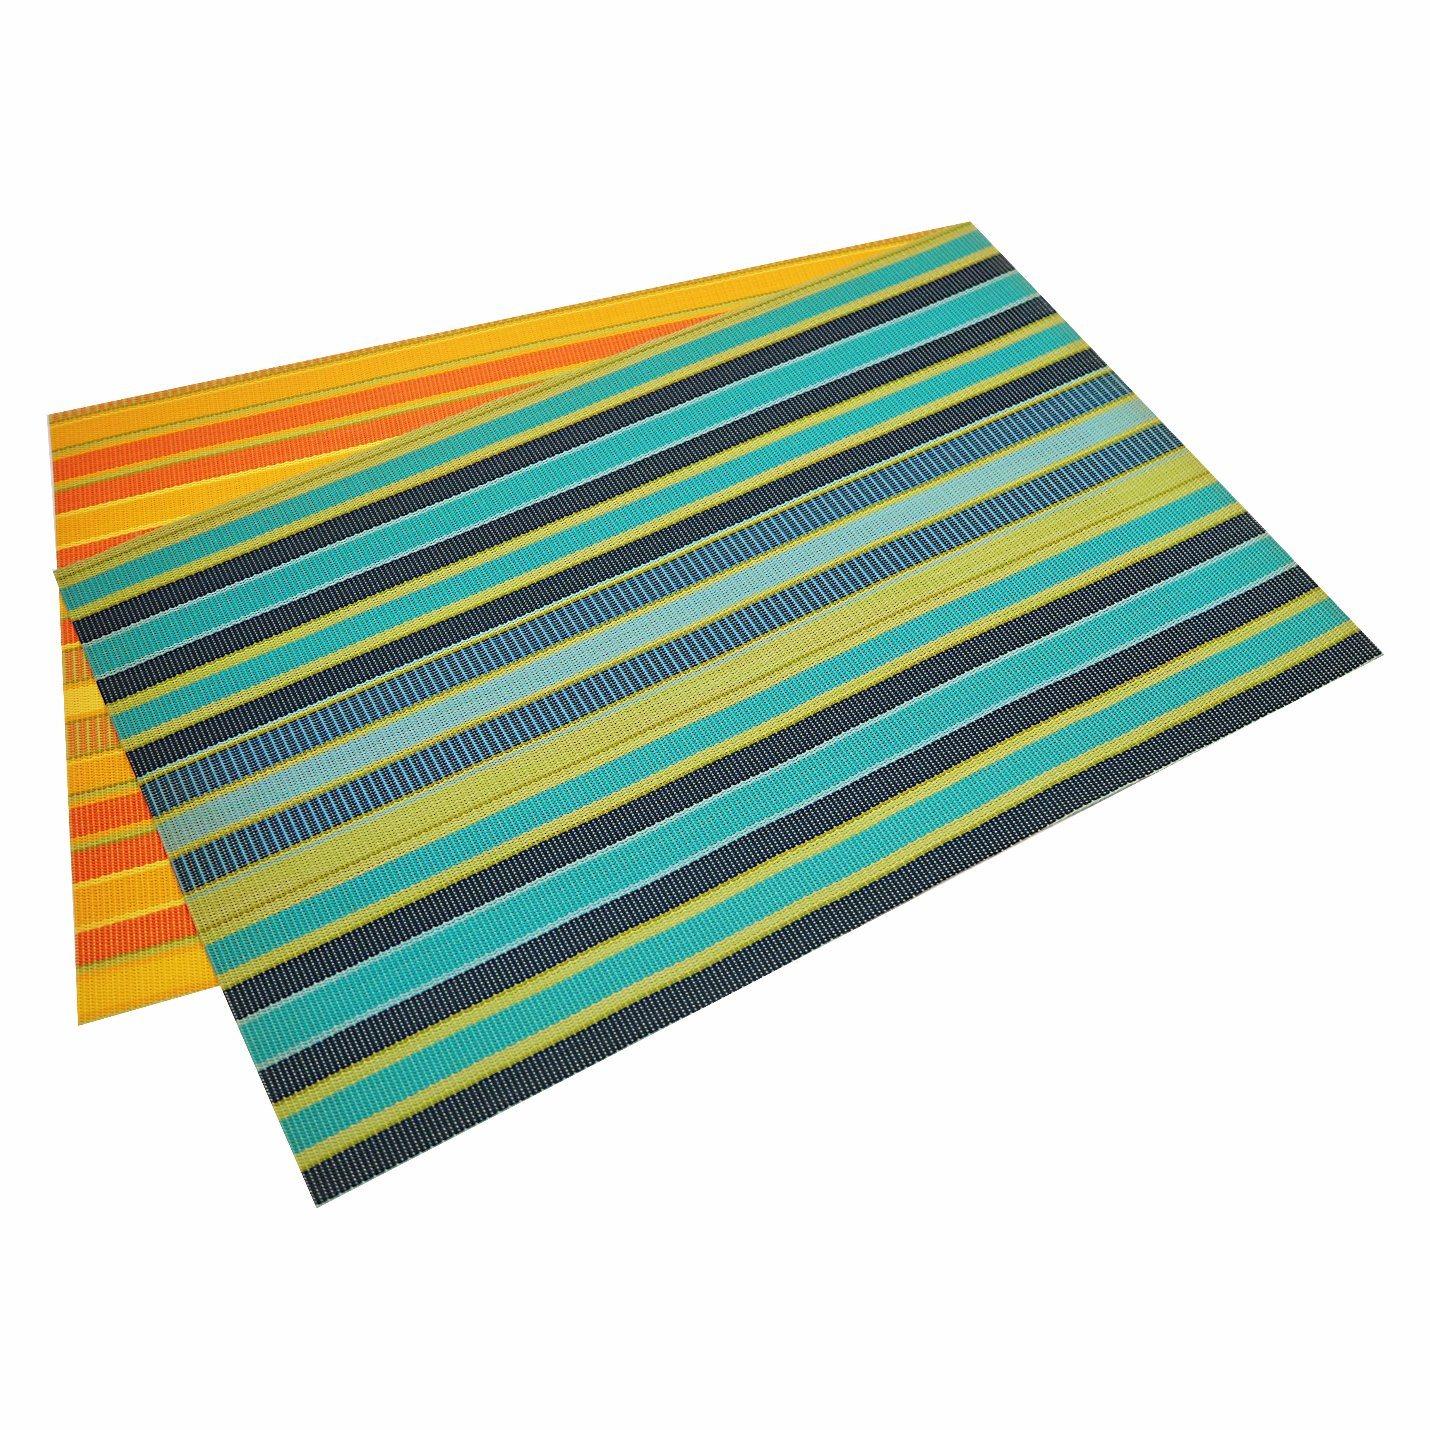 Stripes Tabletop PVC Mat for Home & Restaurant